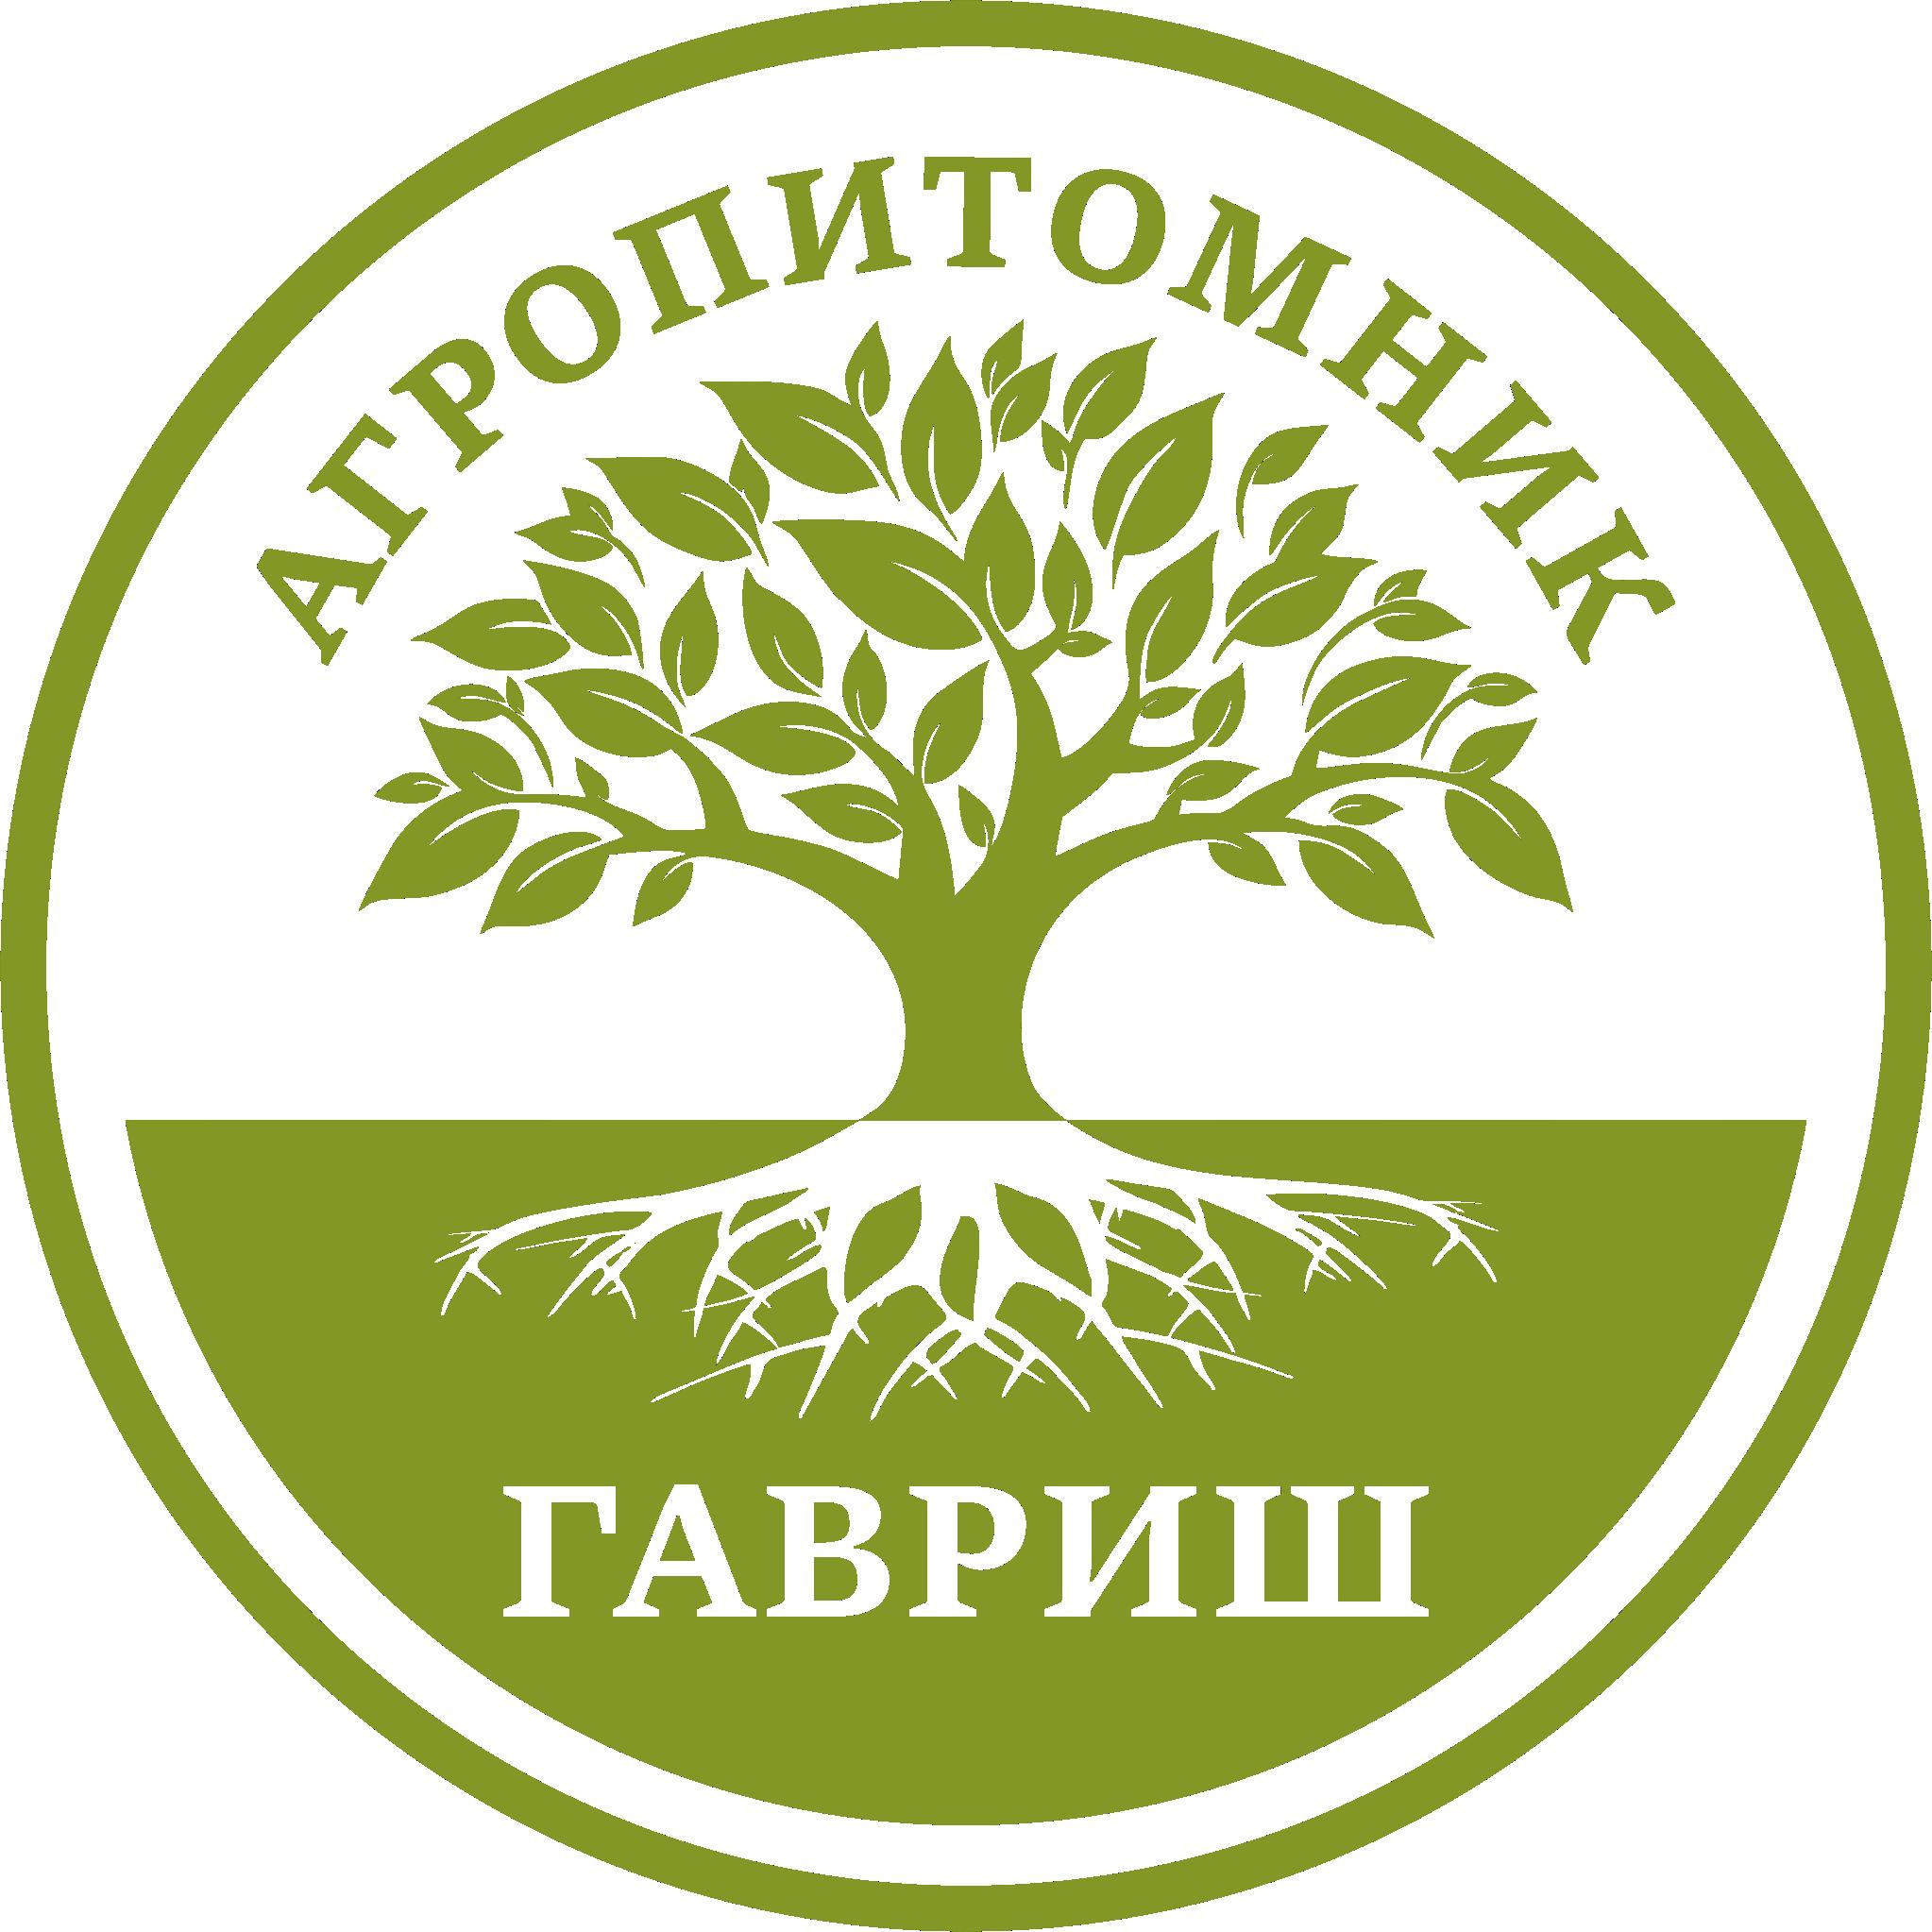 Gavrish Logo